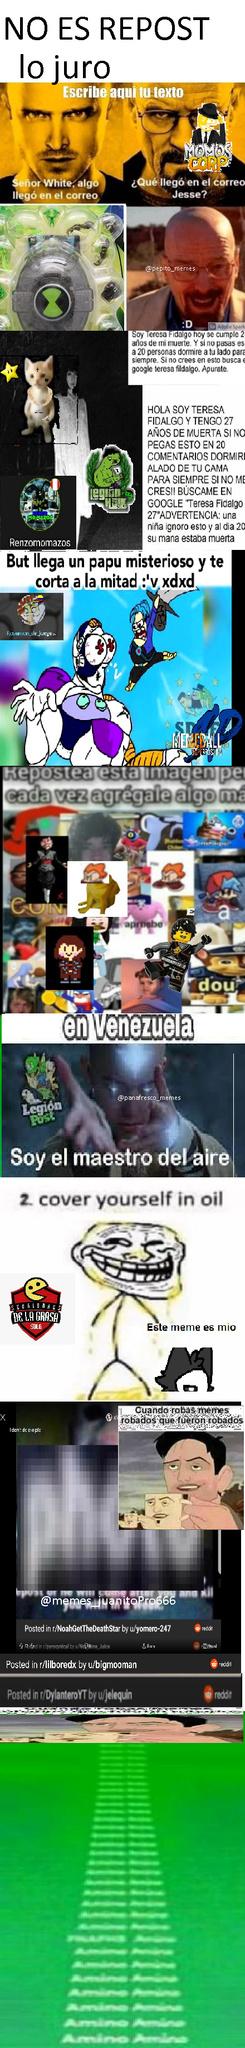 mio 100% real - meme